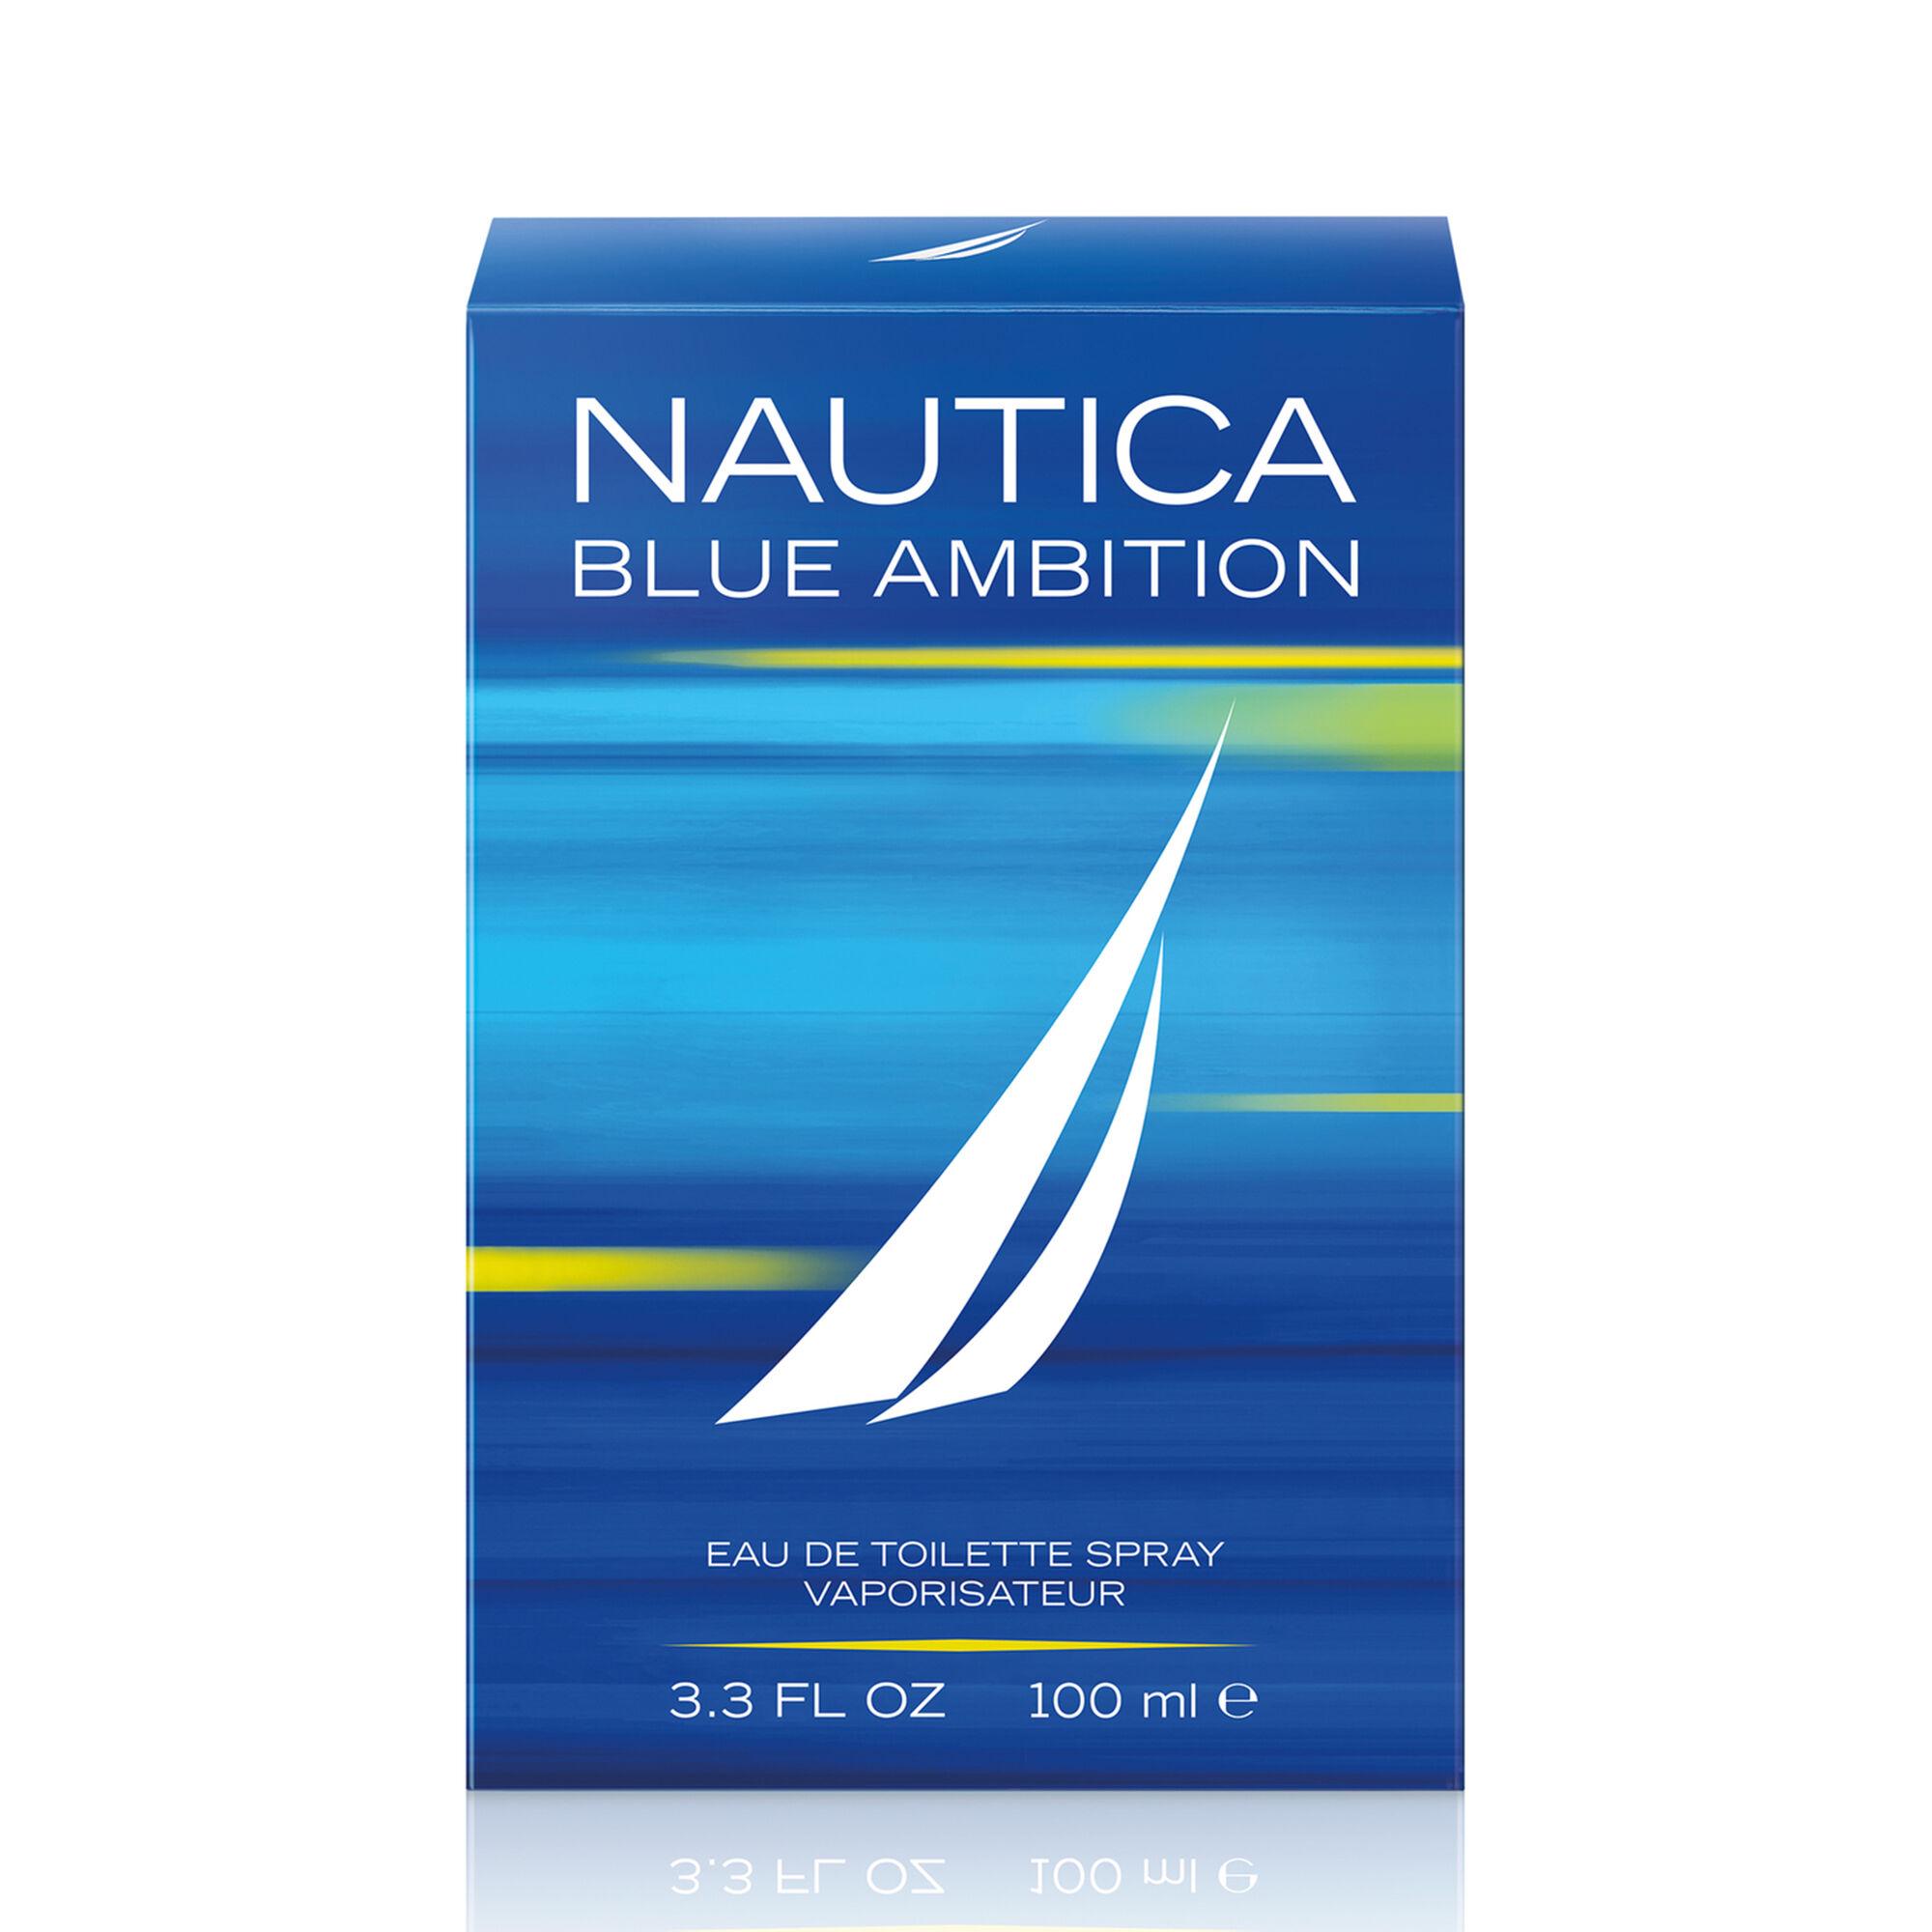 Nautica | Nautica Blue Ambition NS Eau de Toilette 100ml